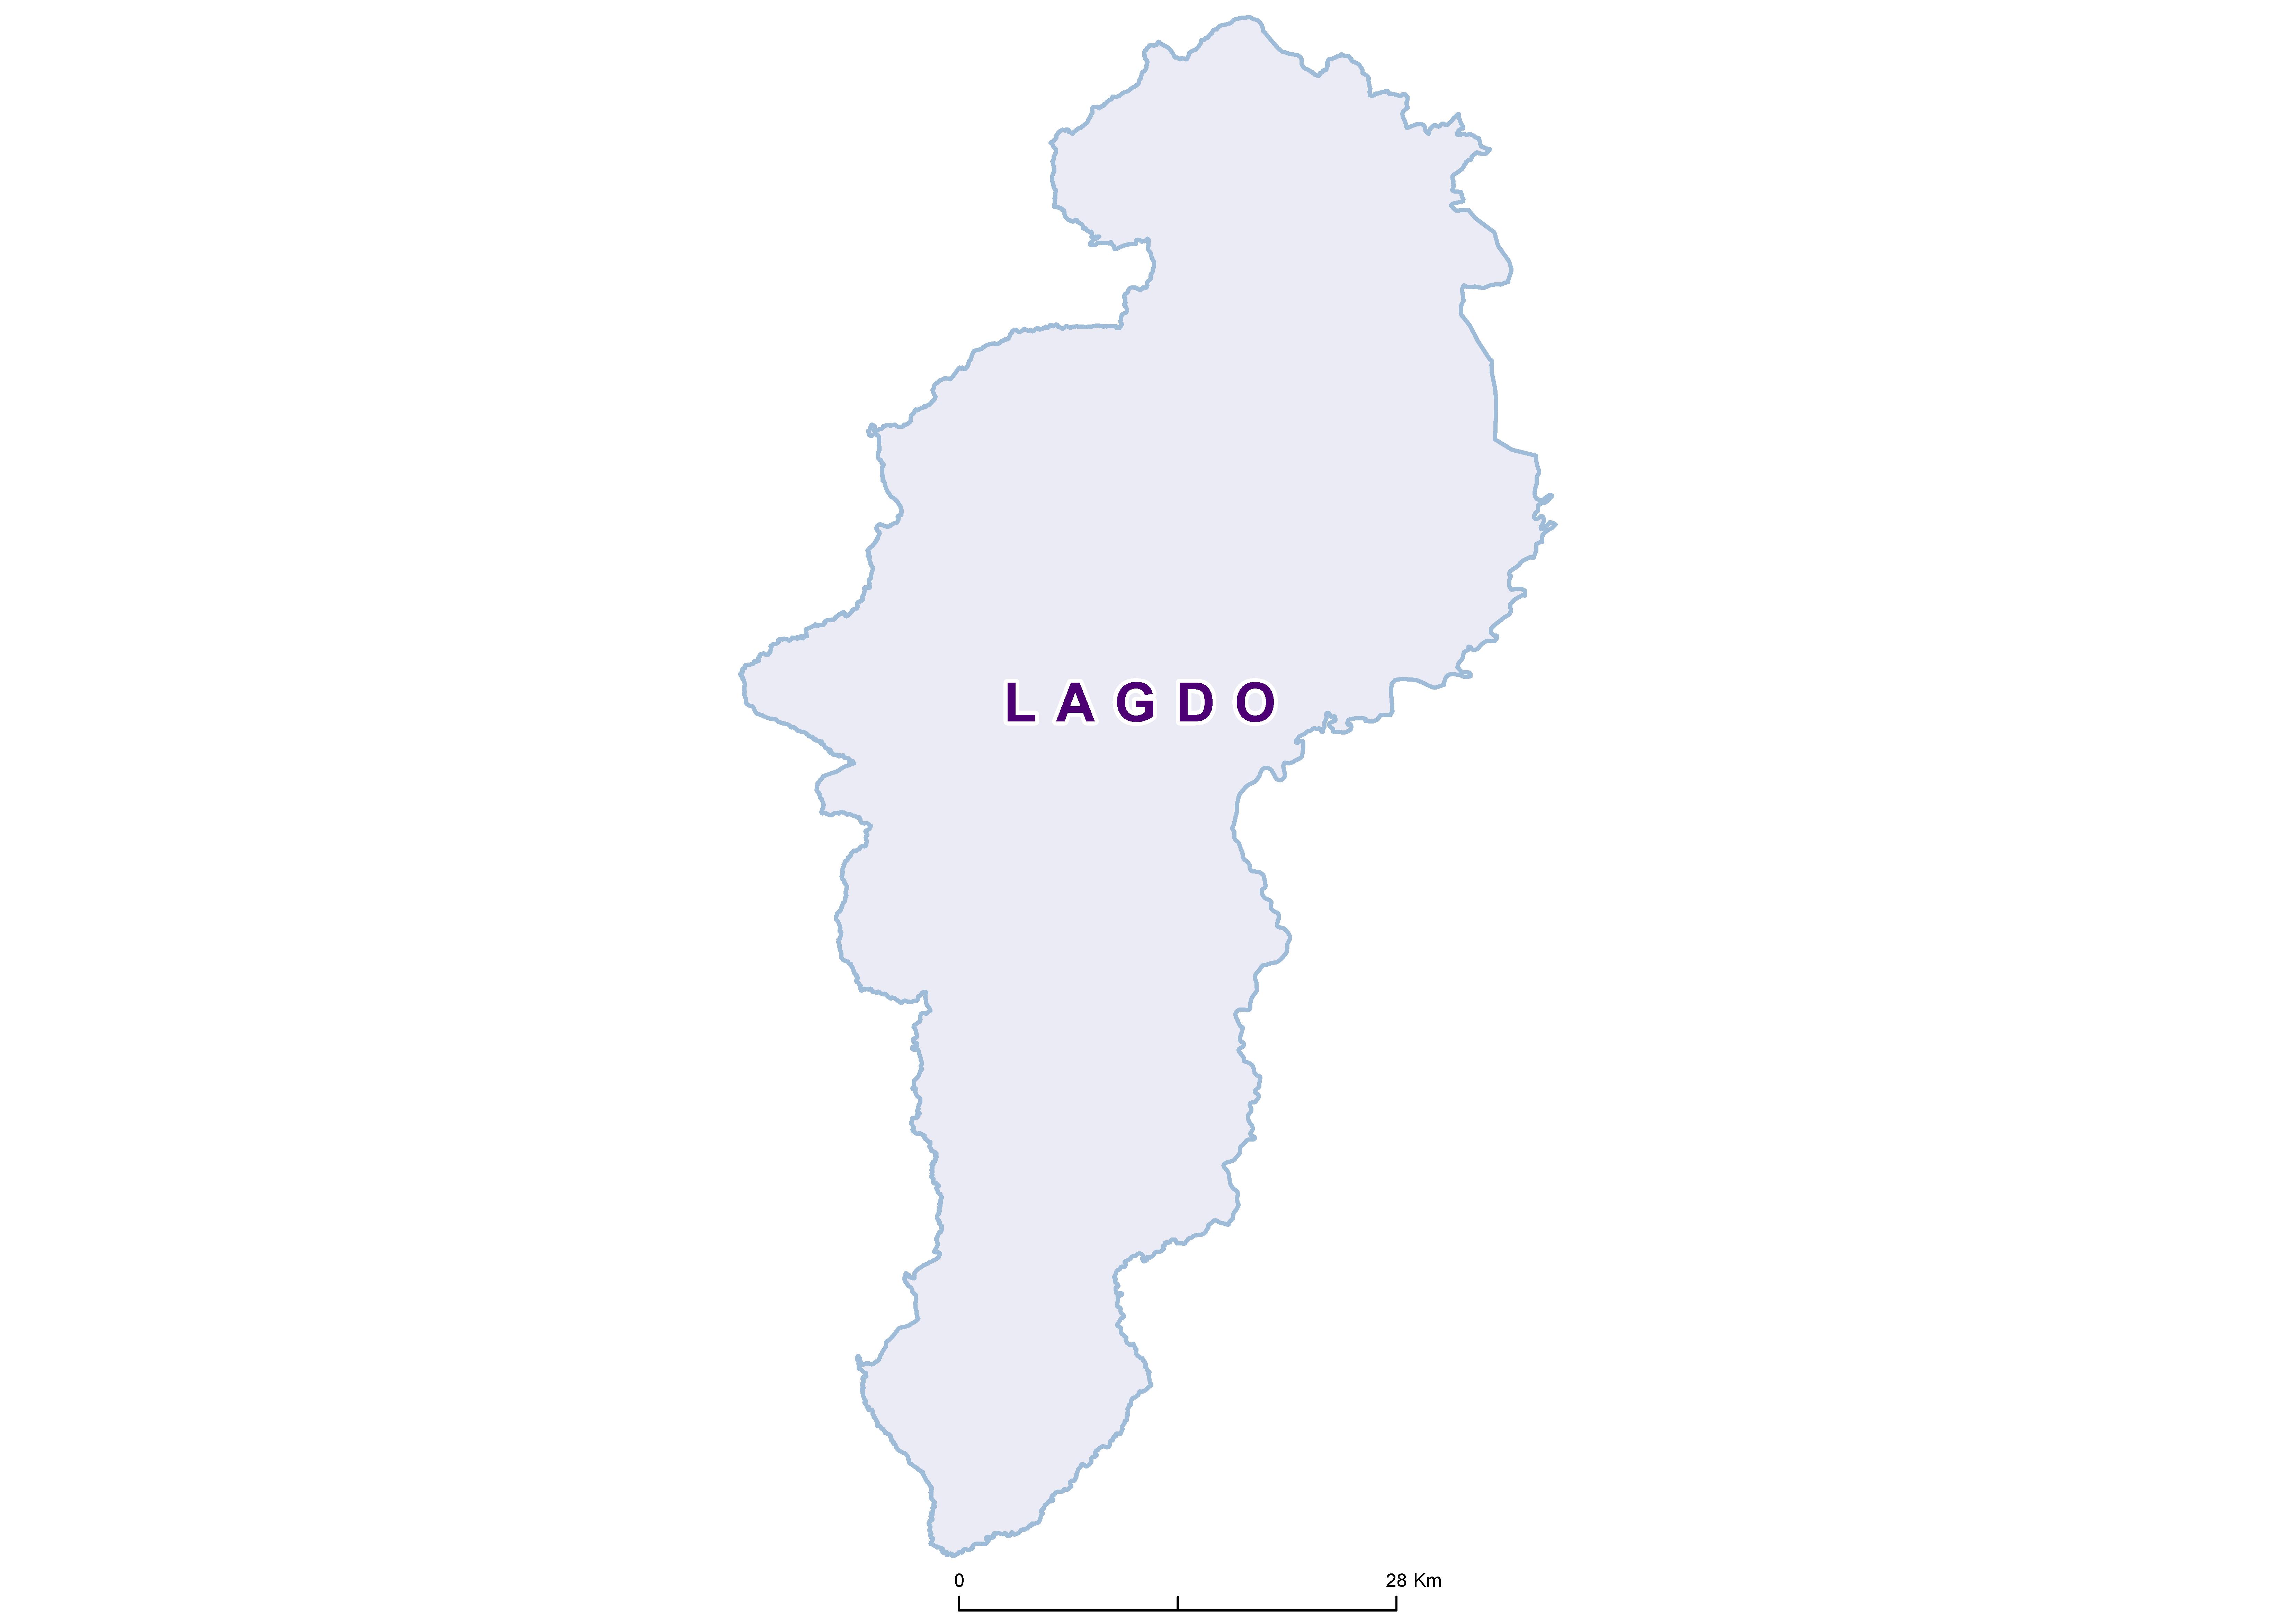 Lagdo Mean SCH 19850001